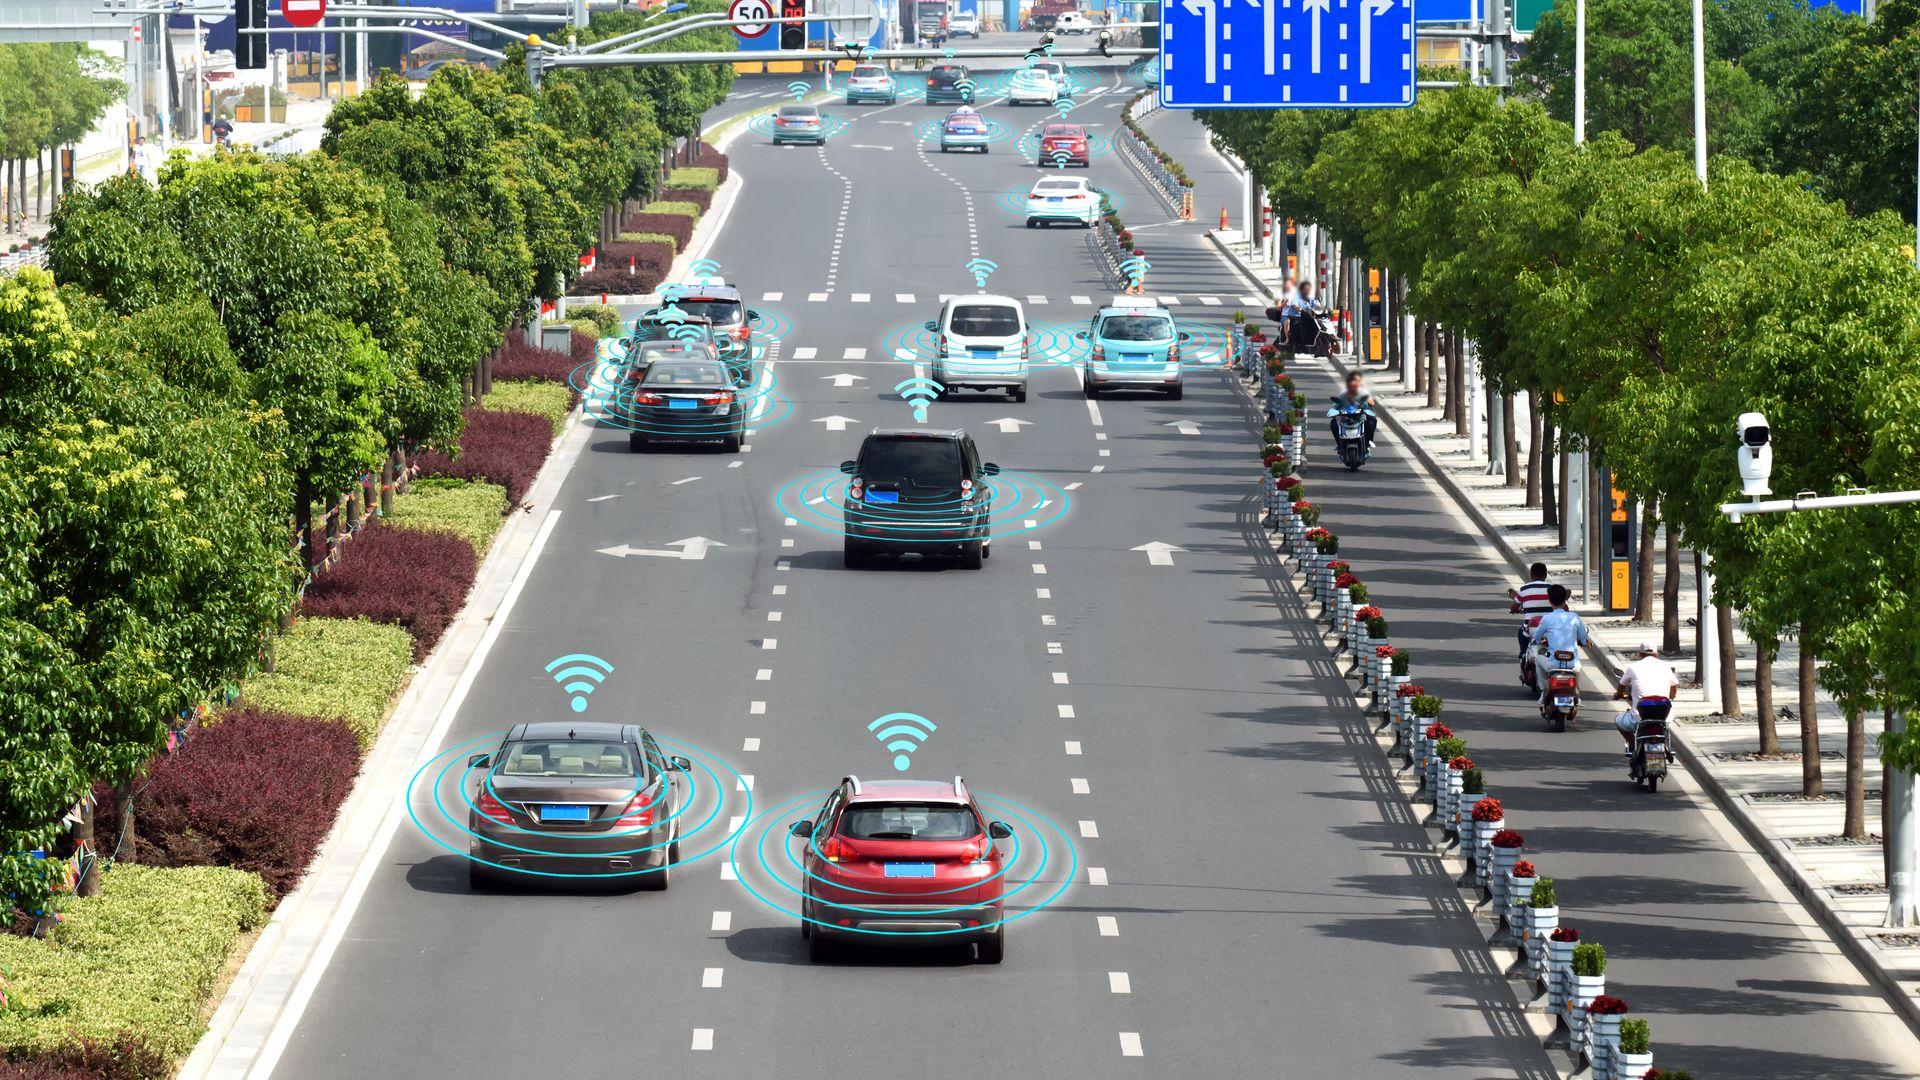 Byene våre vil bli enda smartere, og selvkjørende biler vil fortsette å bli videreutviklet i 2019.